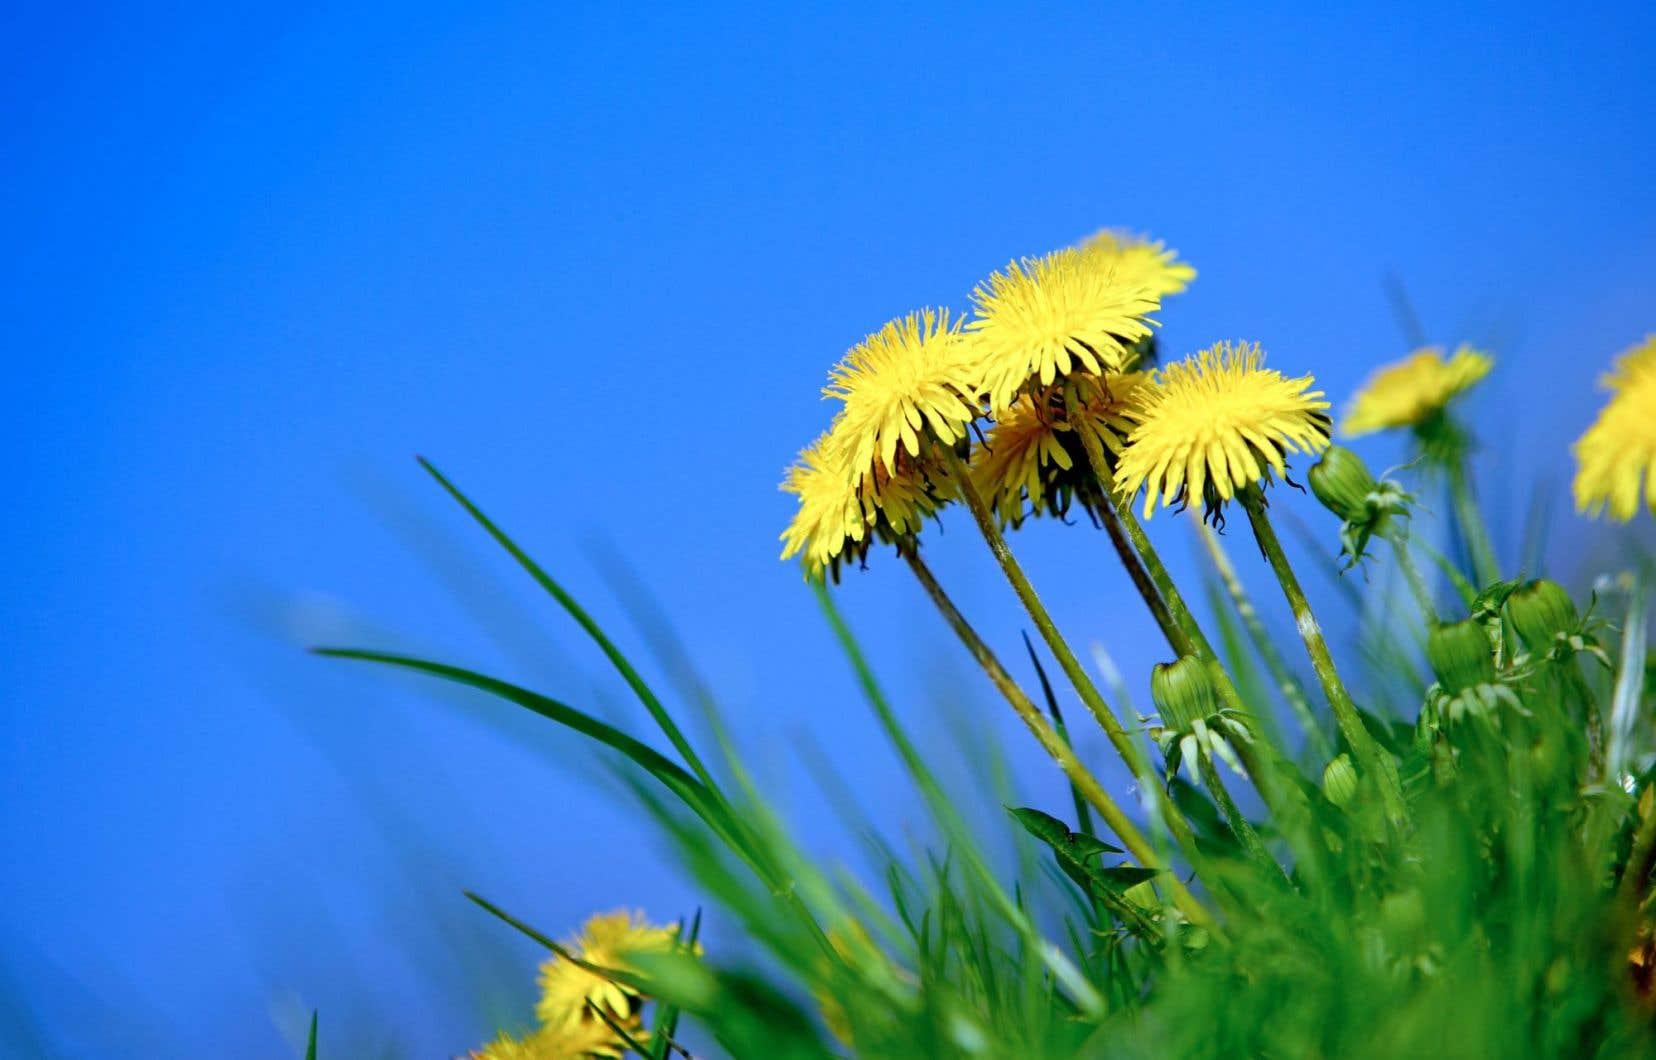 Hubert Reeves a écarté toutes les plantes cultivées de son jardin pour ne répertorier que celles que la nature offre généreusement à la contemplation. Pissenlit dent-de-lion compris.